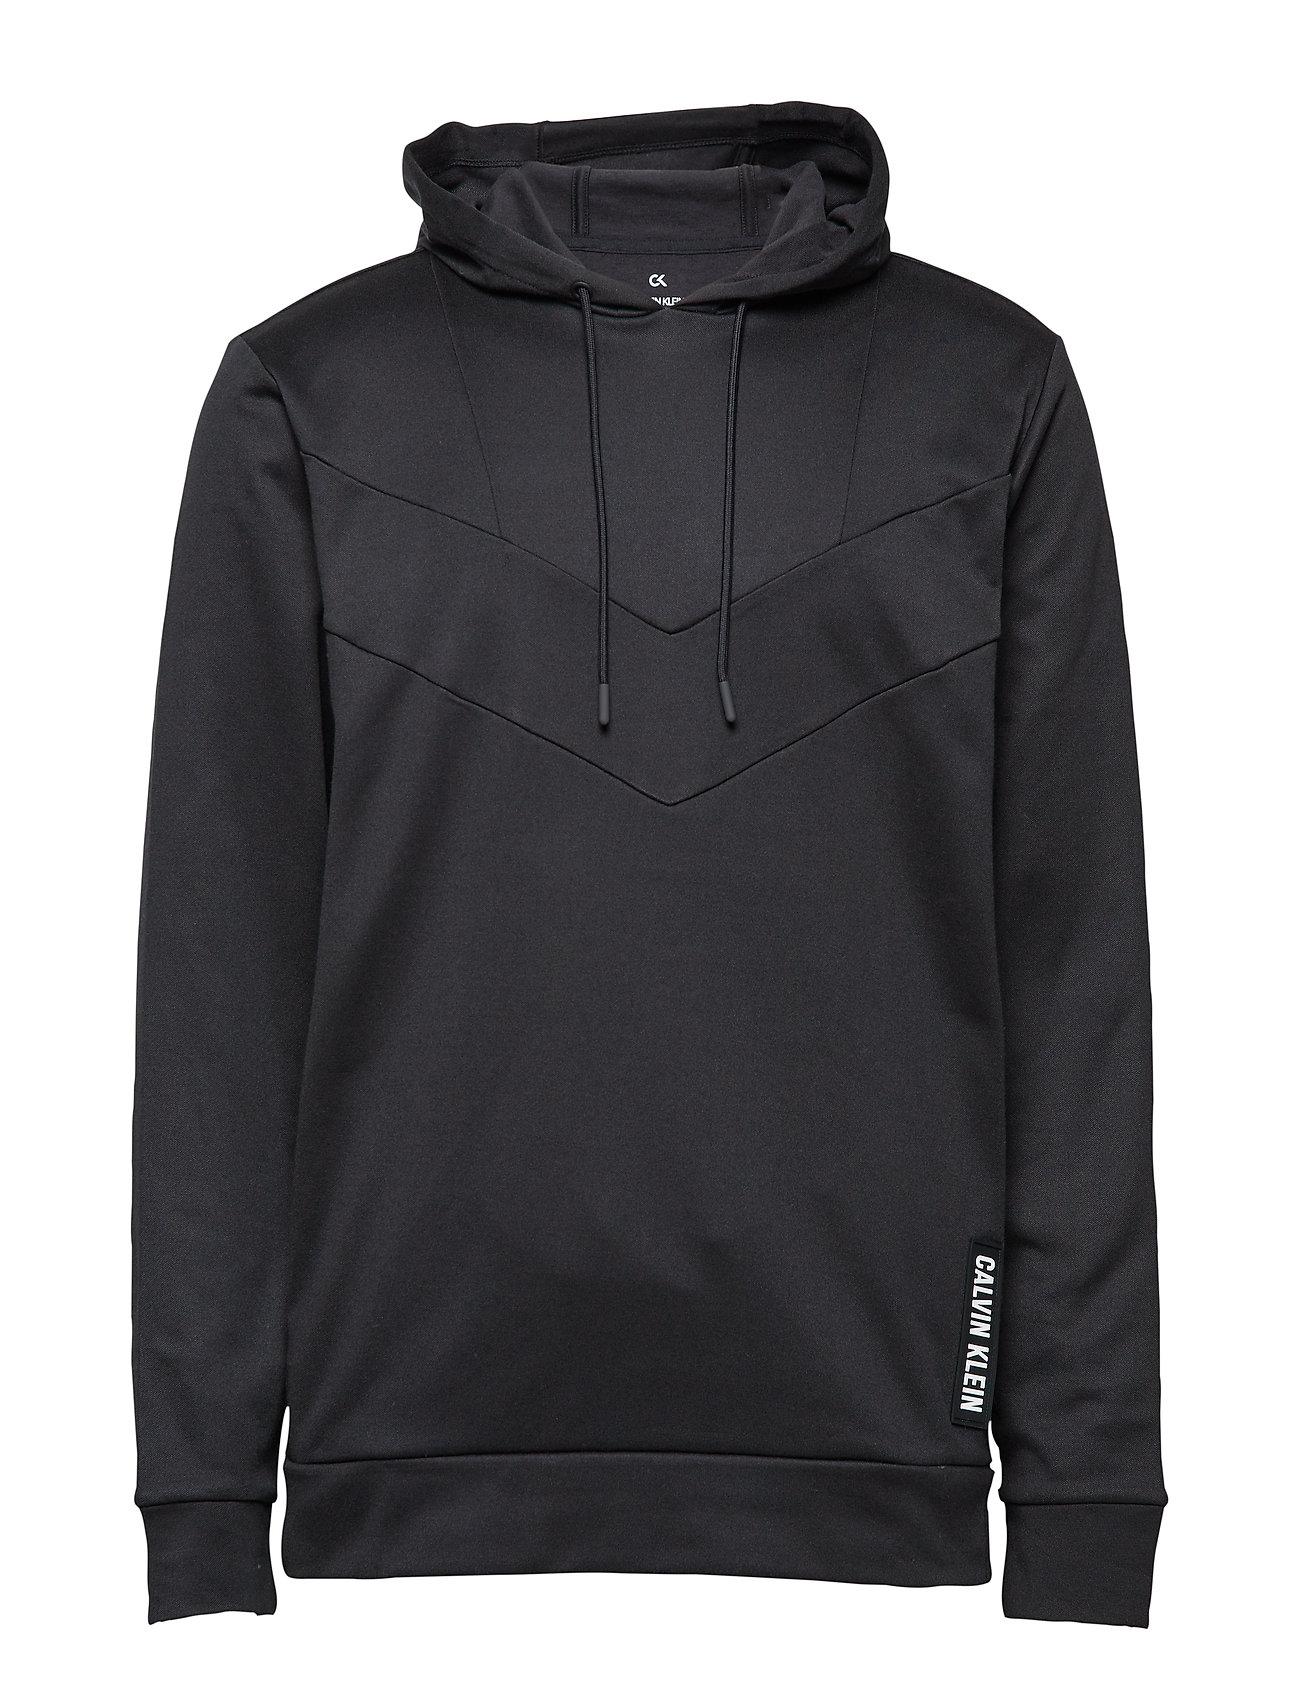 Sweatshirt & Hoodie im Sale - Hoody Cb